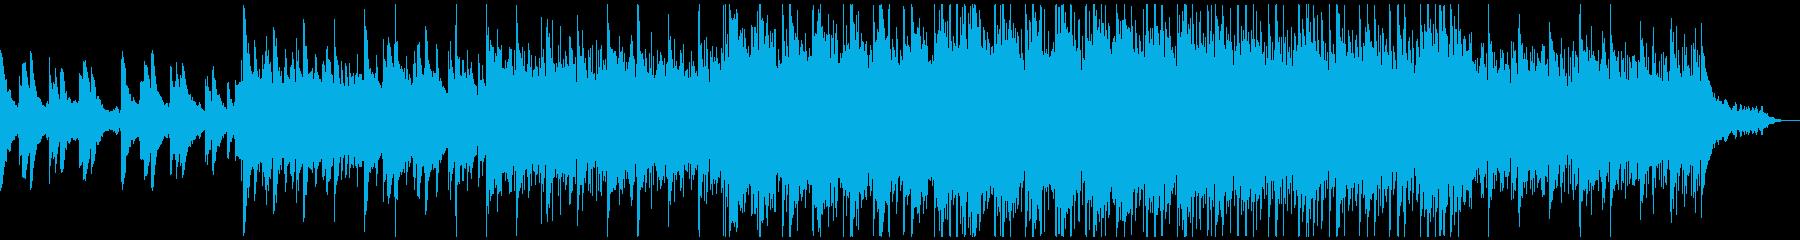 コンセプトムービー、アンセム風感動CMの再生済みの波形